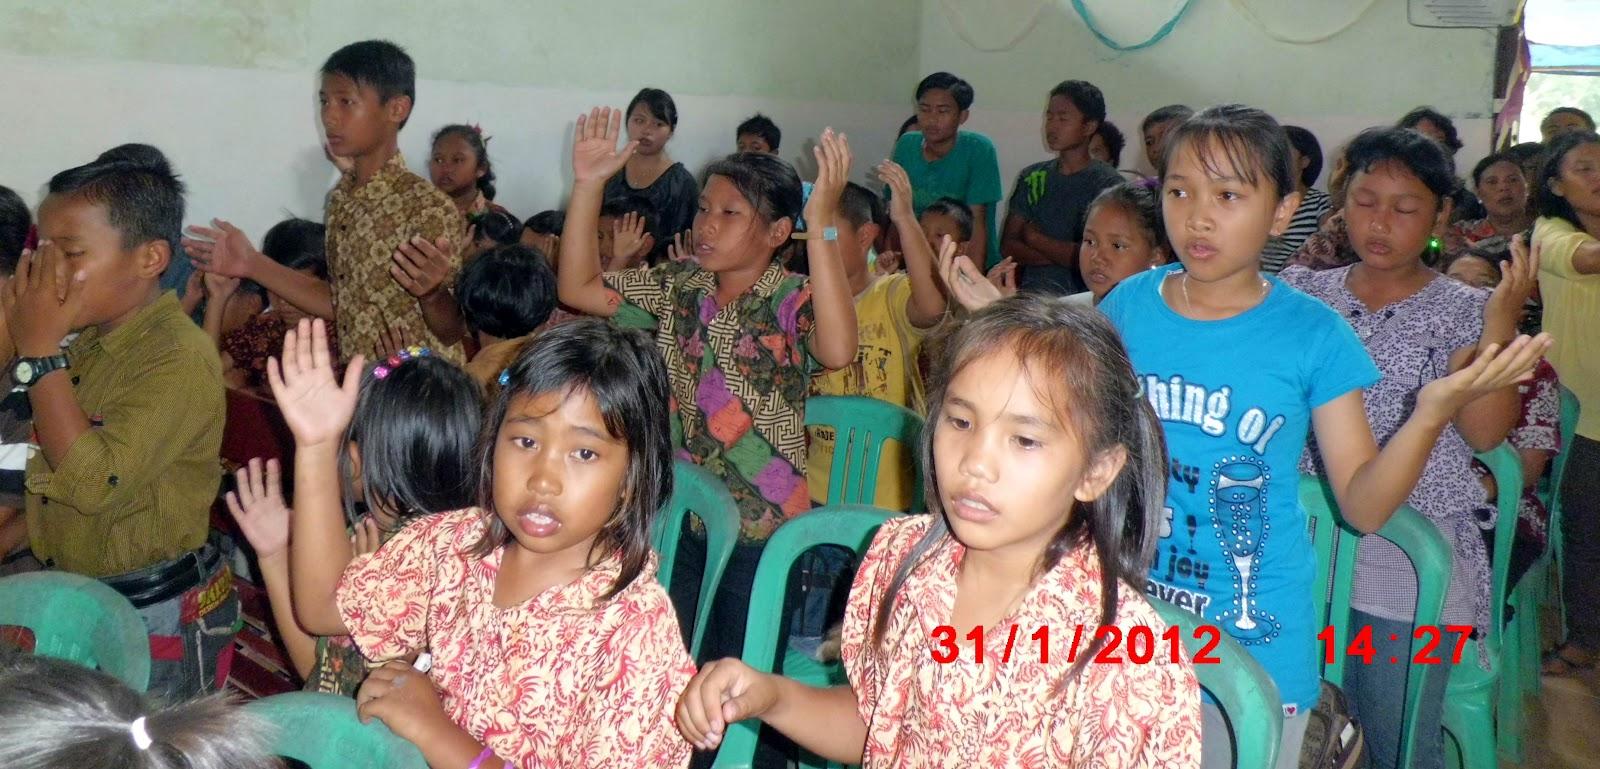 Anak-anak memuji Tuhan sambil mengangkat tangan